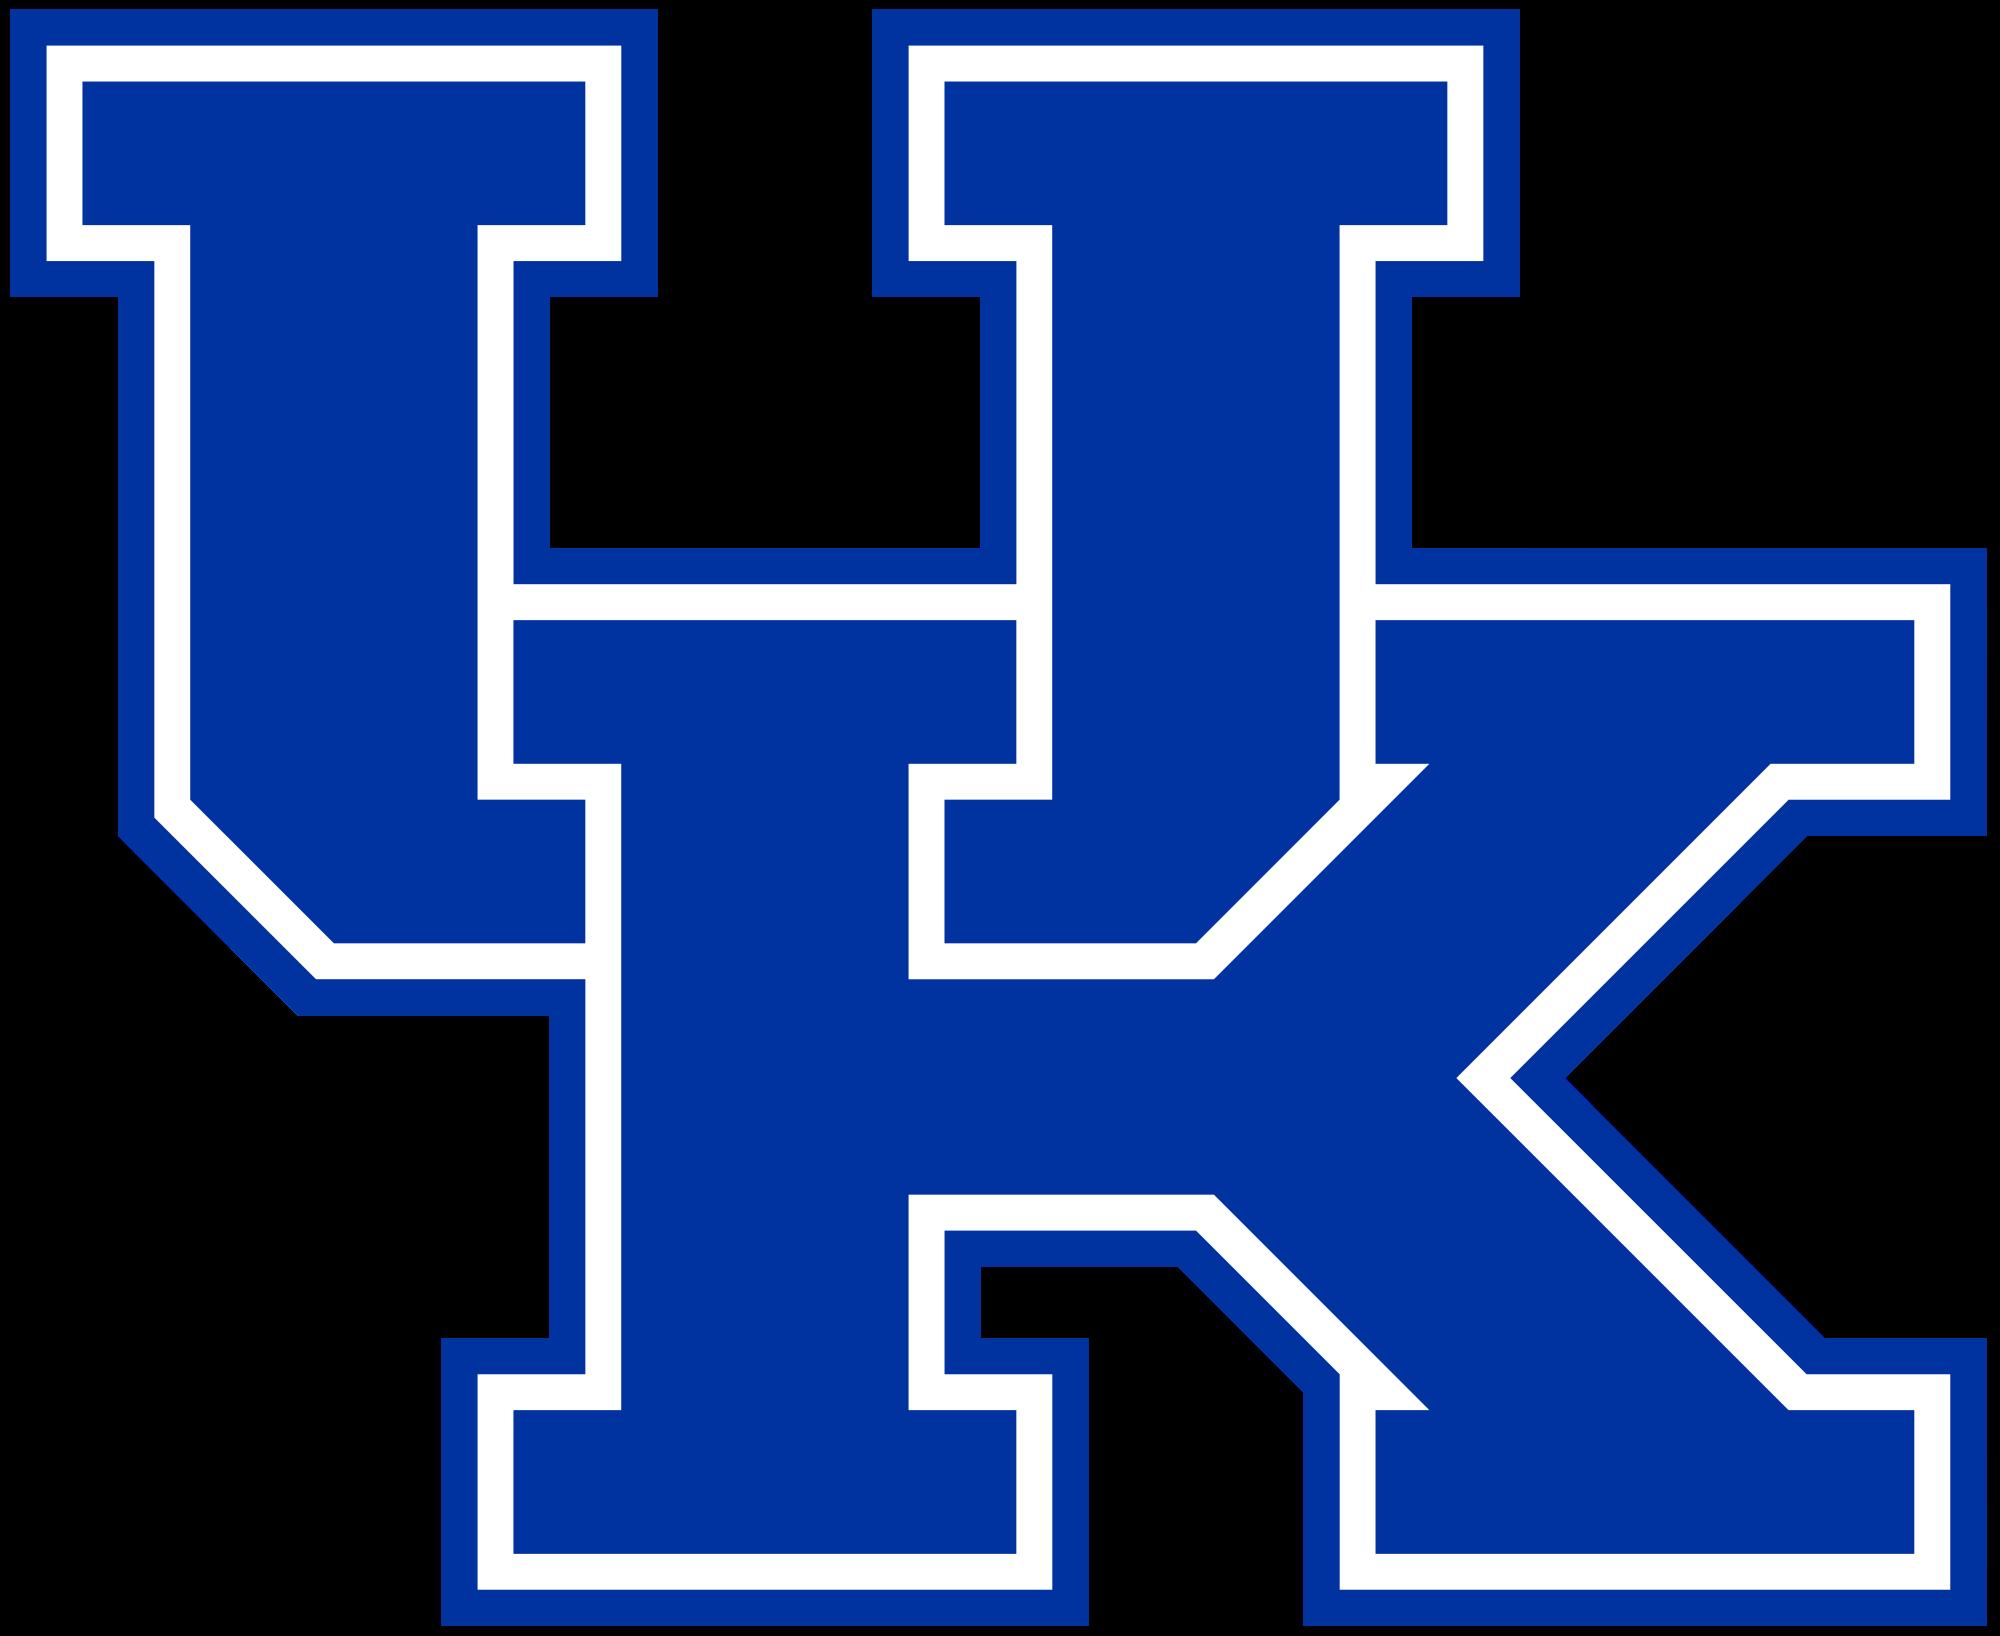 Football roster list clipart graphic transparent stock 2016 Kentucky Wildcats football team - Wikipedia graphic transparent stock